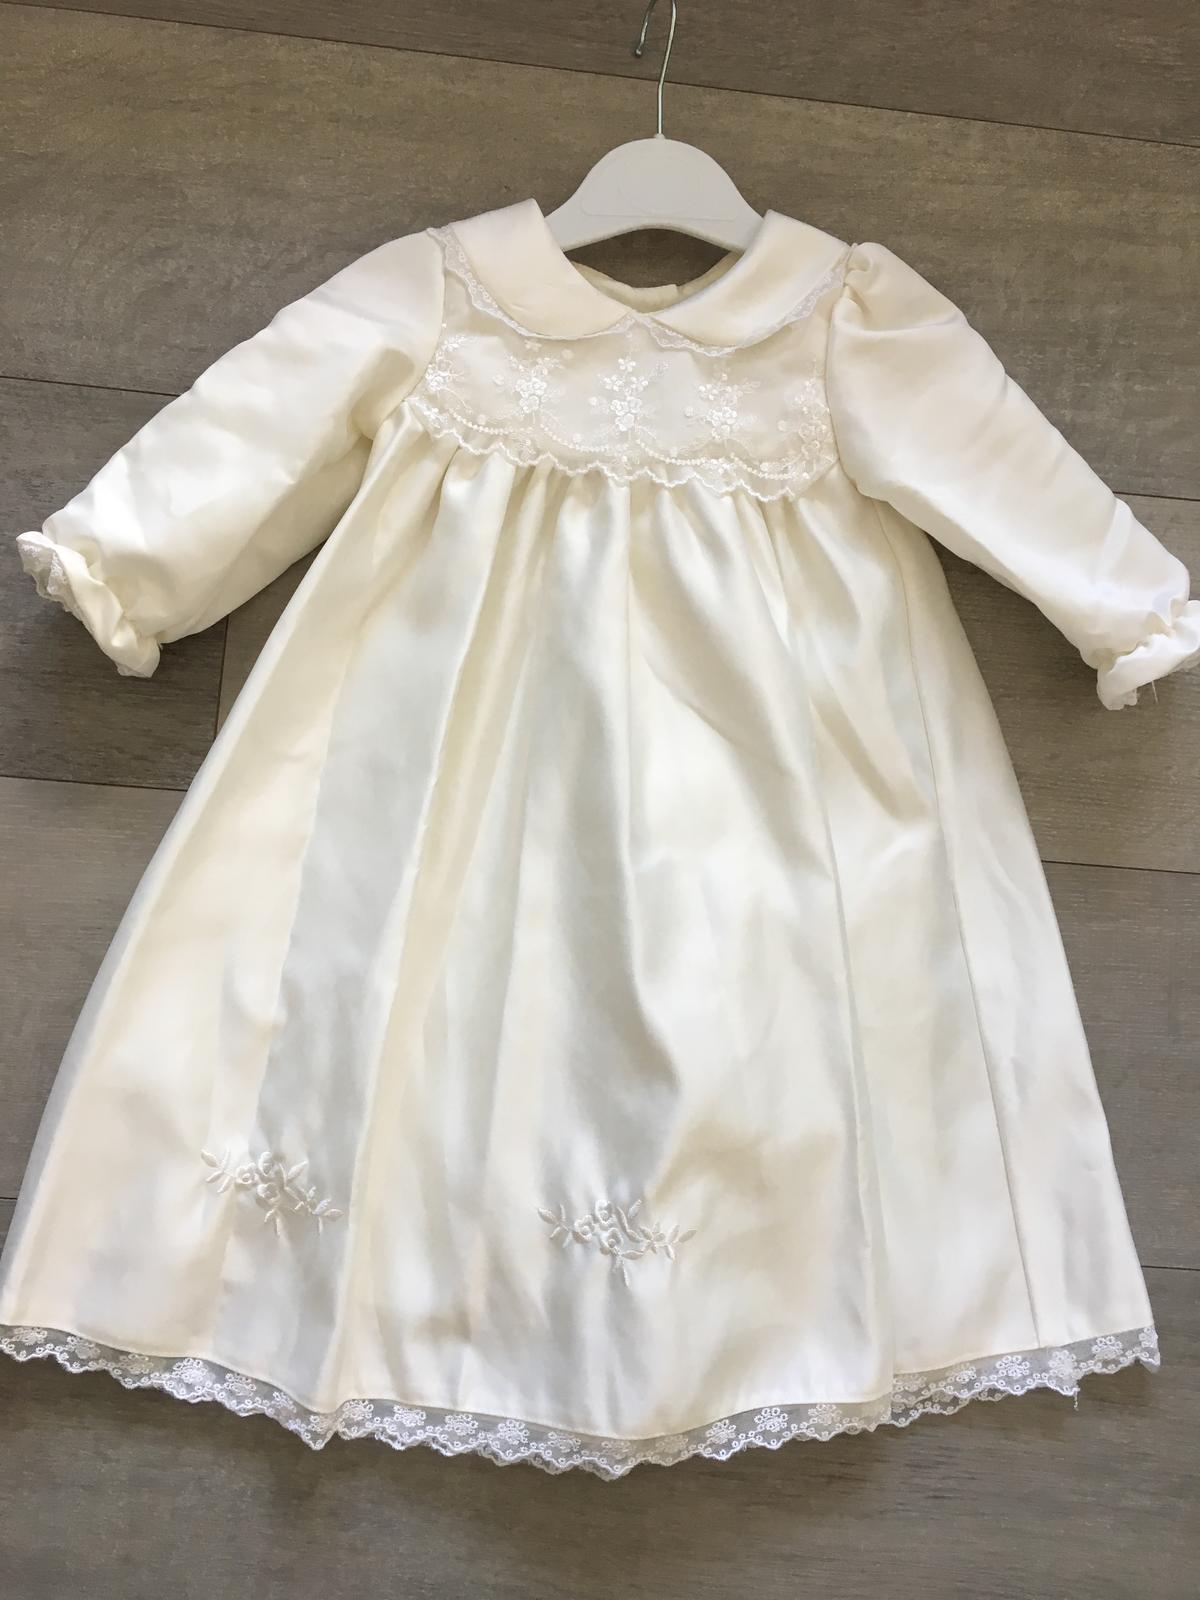 9d6a9e025287 Luxusné slávnostné šaty zn. hobea germany